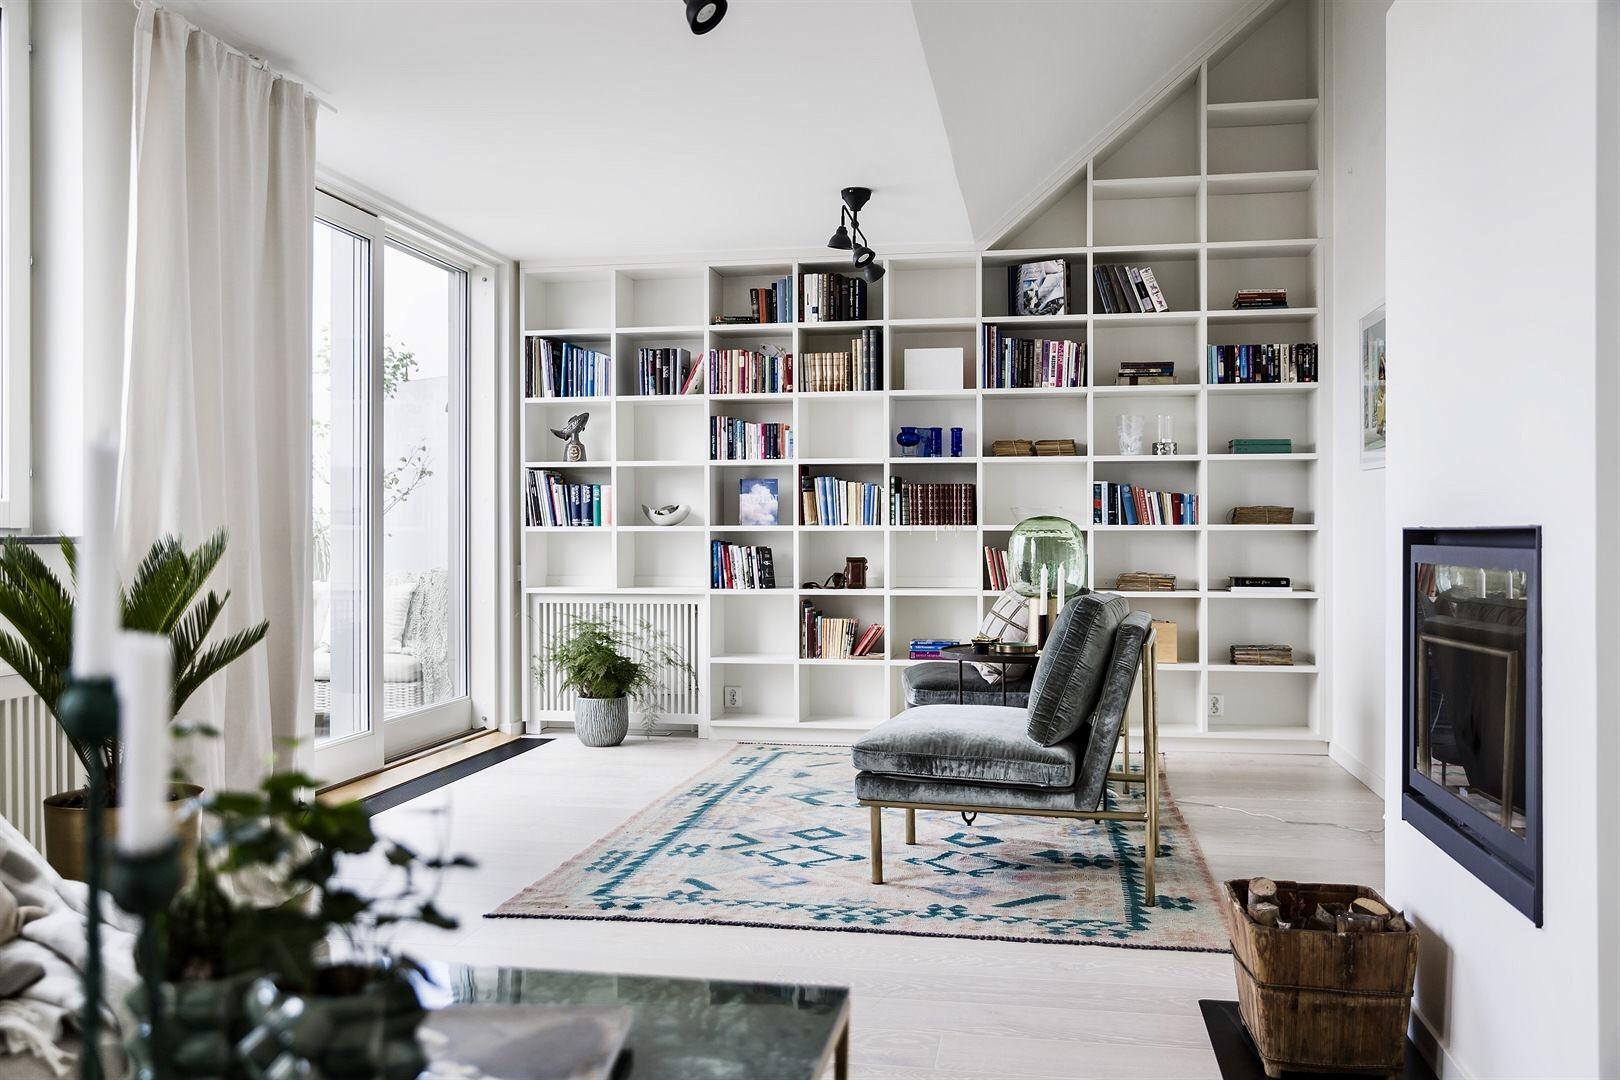 гостиная мансарда высокий потолок книжный шкаф стеллаж